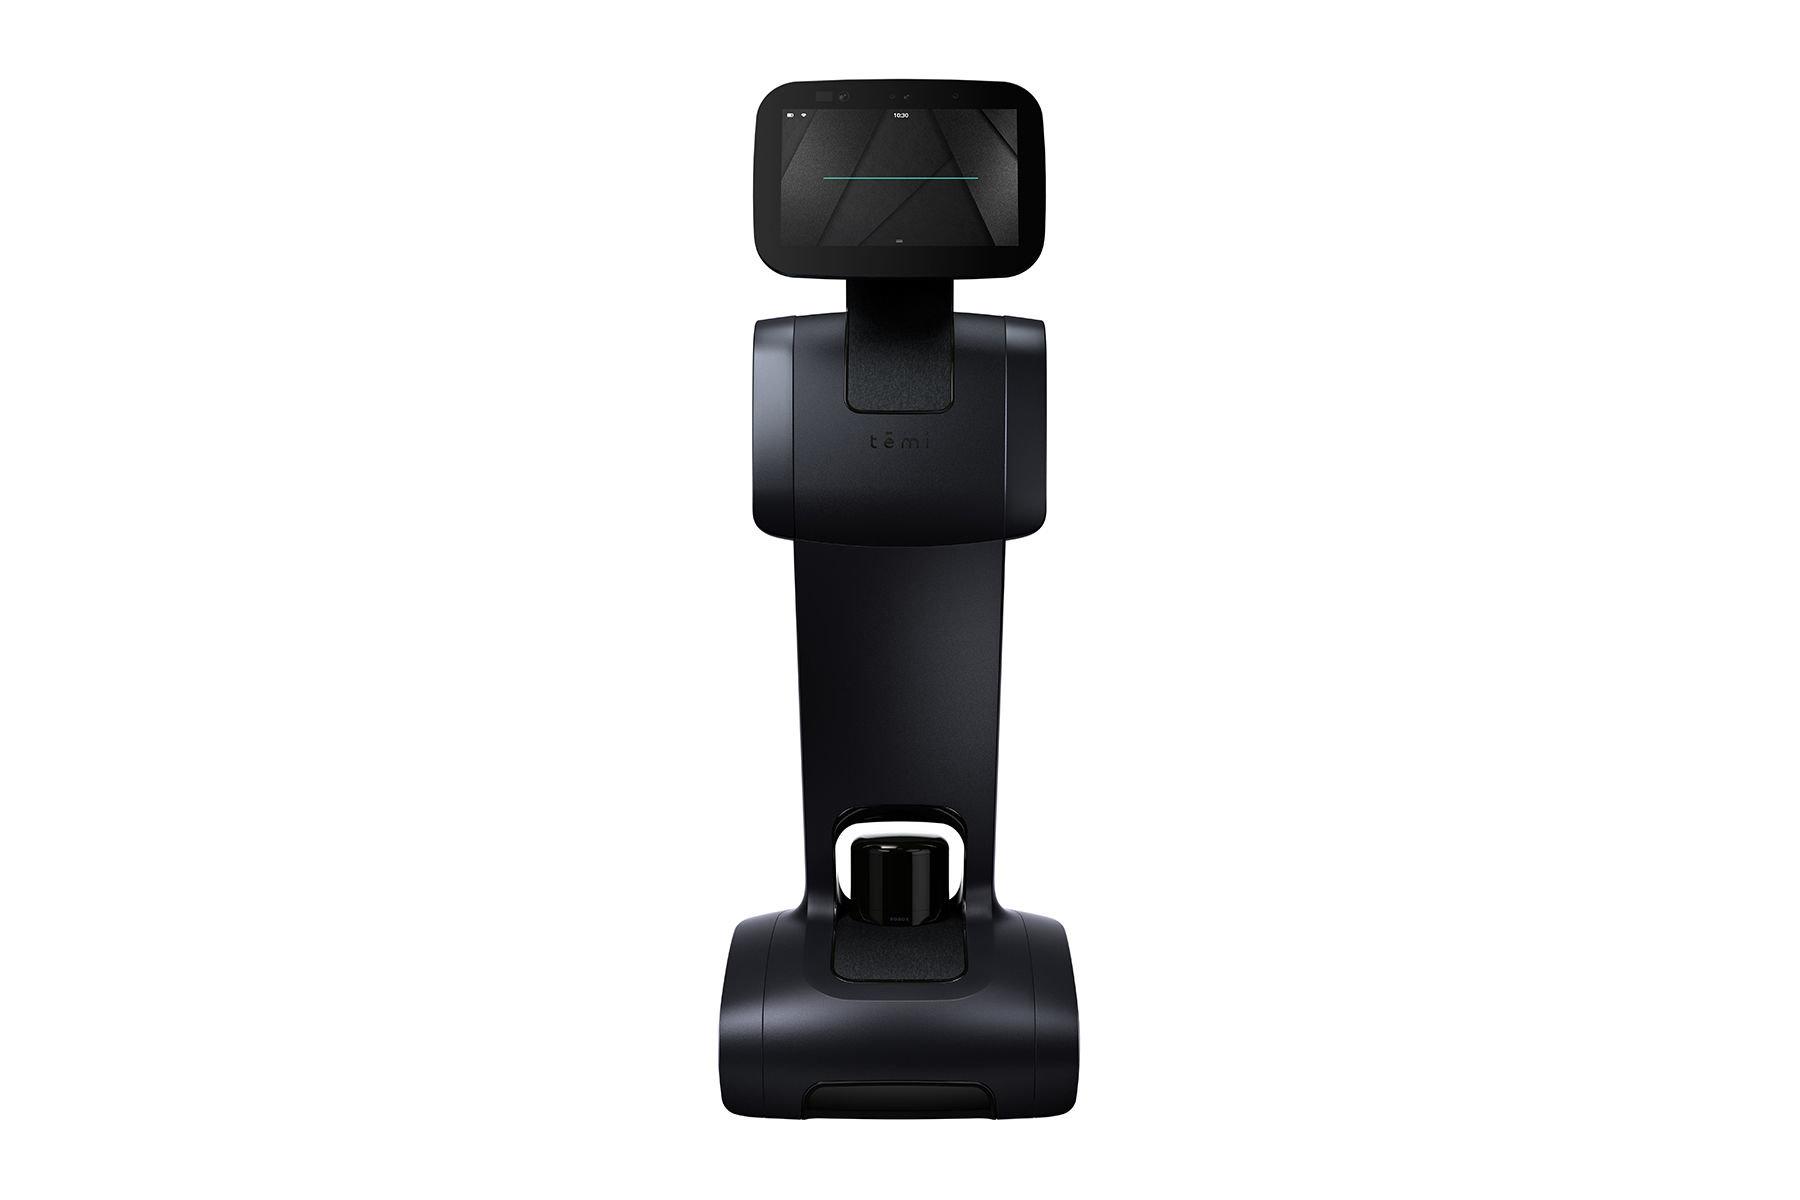 Robotemi ajoute Alexa à son robot de téléprésence personnel